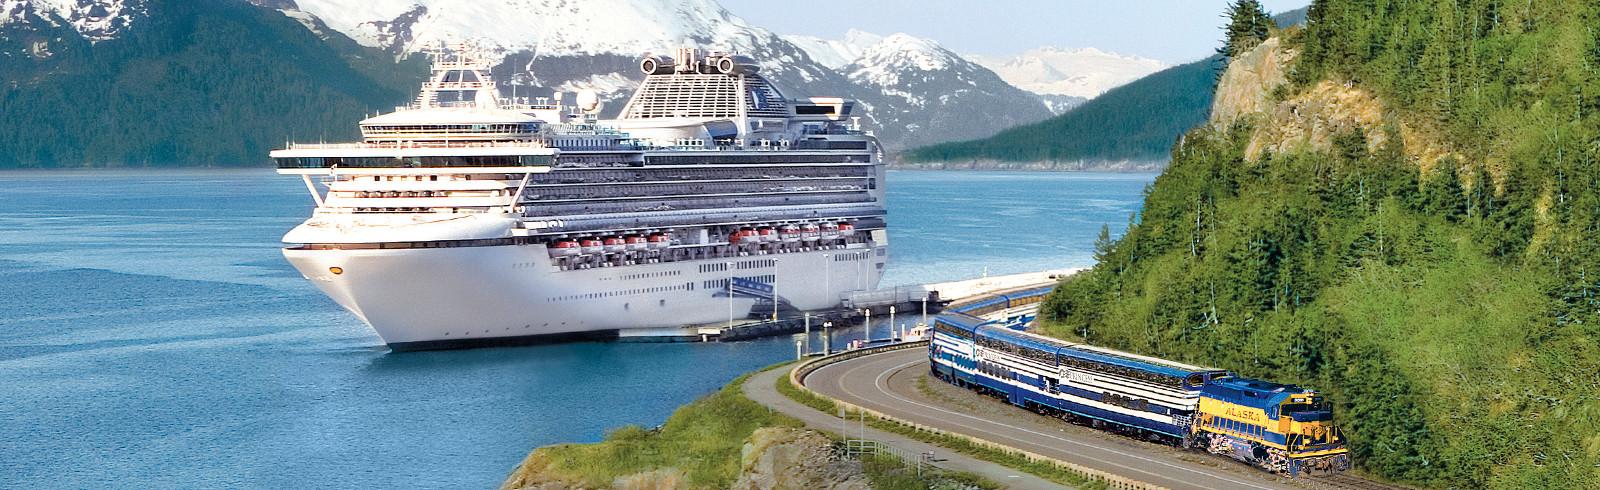 �������� Princess Cruises ����ʯ������ Sapphire Princess �¼���-�ij�-�ռ���-�¼���4��7���������� 2019��1��29�ձ������� �¼��µǴ� ���߱��:7719013011